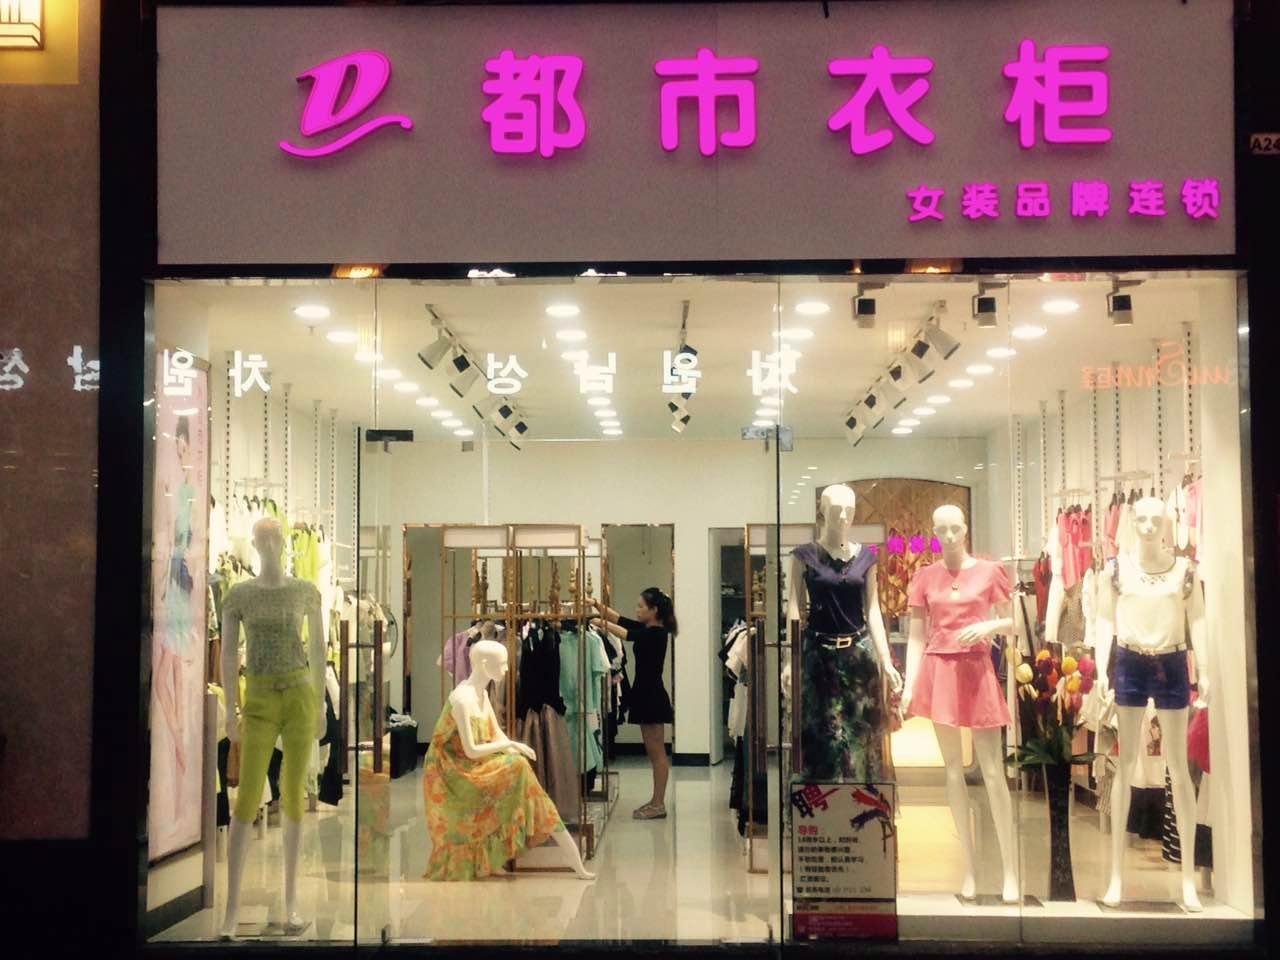 都市衣柜品牌女装招商,加盟代理都市衣柜